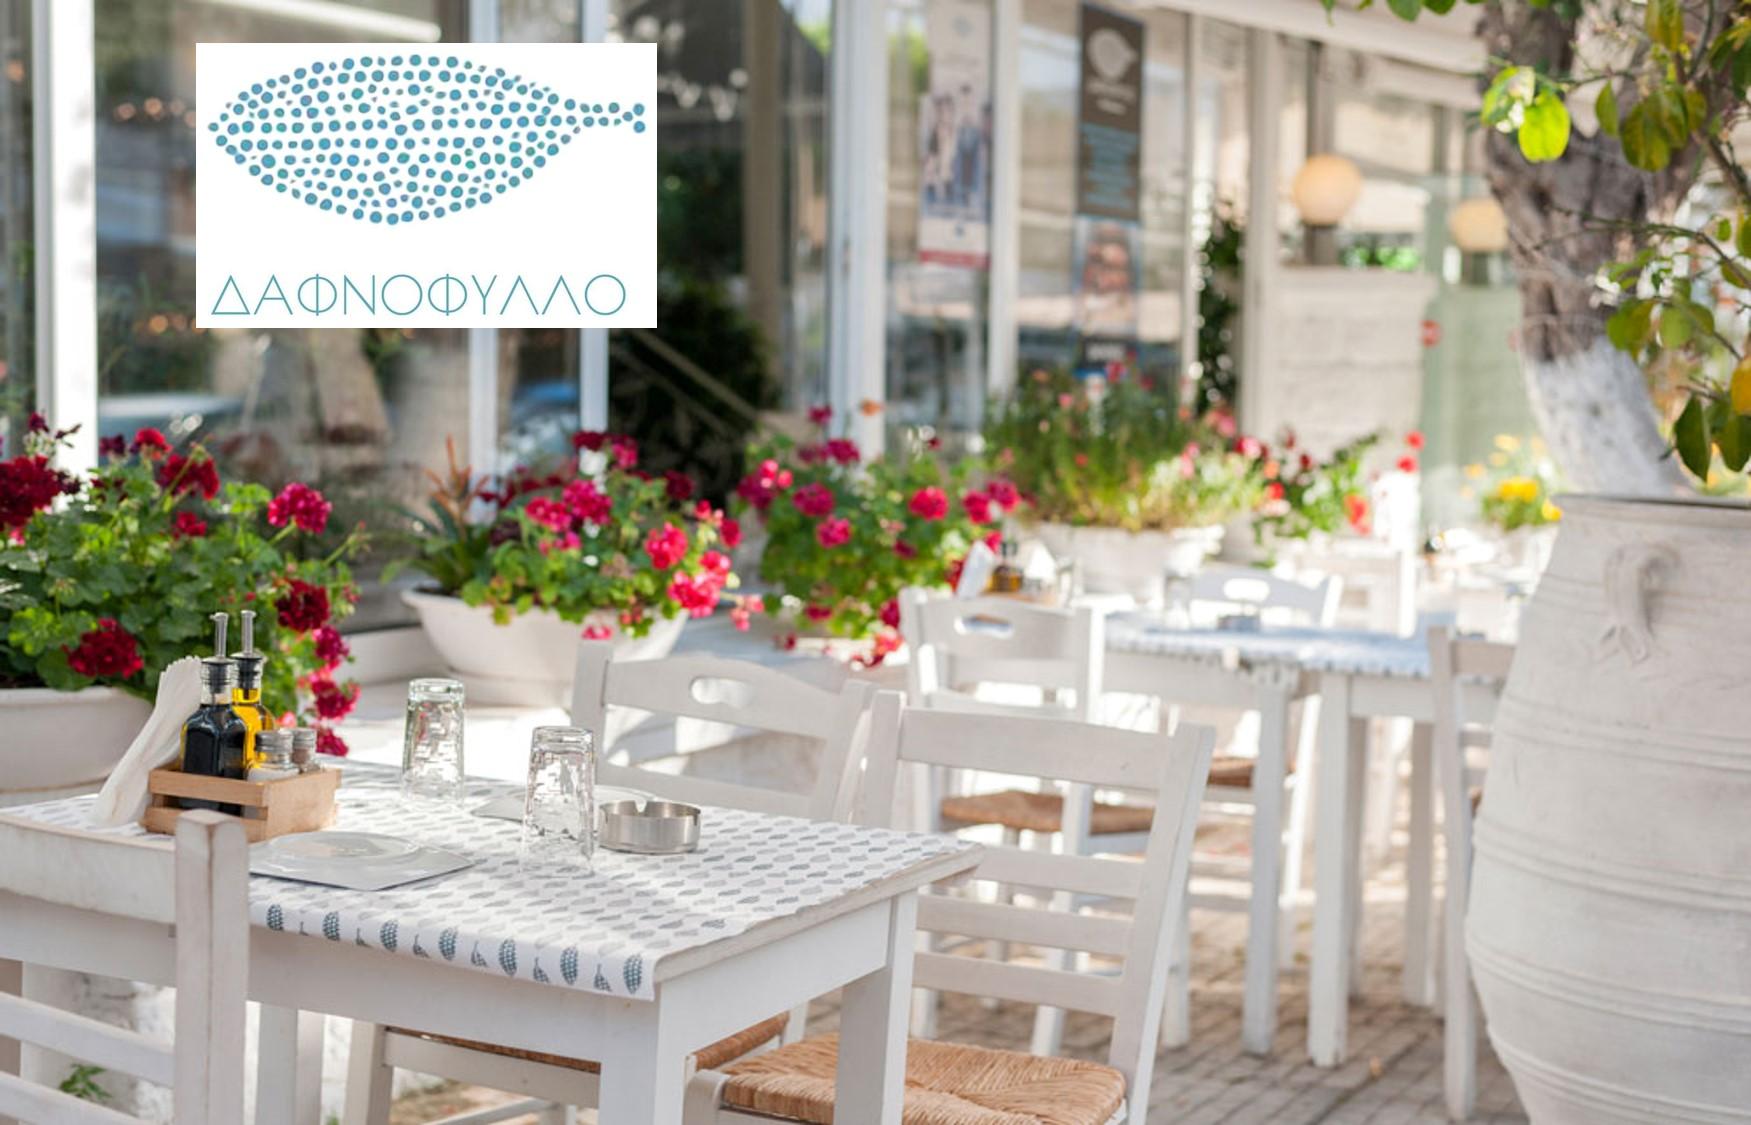 13€ από 26€ για πλήρες menu 2 ατόμων, ελεύθερη επιλογή, στο μεζεδοπωλείο - ψαροταβέρνα ''Δαφνόφυλλο'' στην Γλυφάδα εικόνα